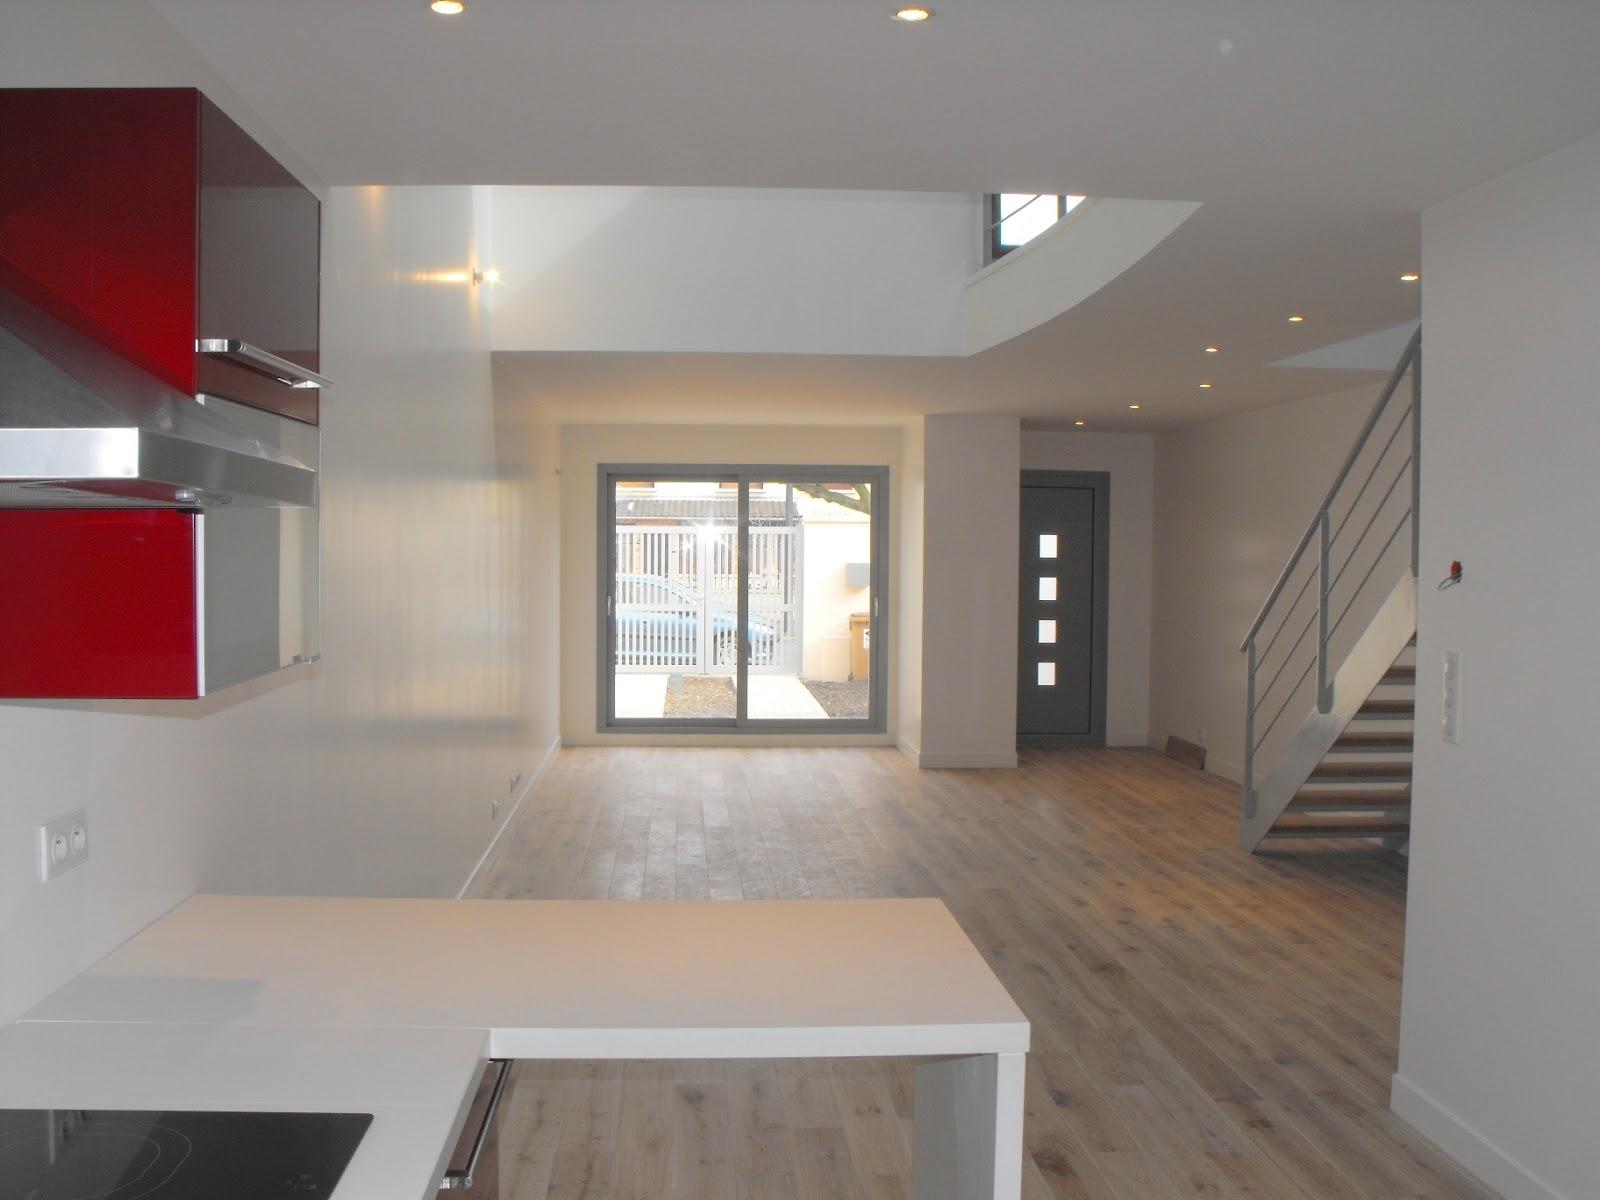 Vente d 39 une maison type loft montreuil for Taille moyenne cuisine